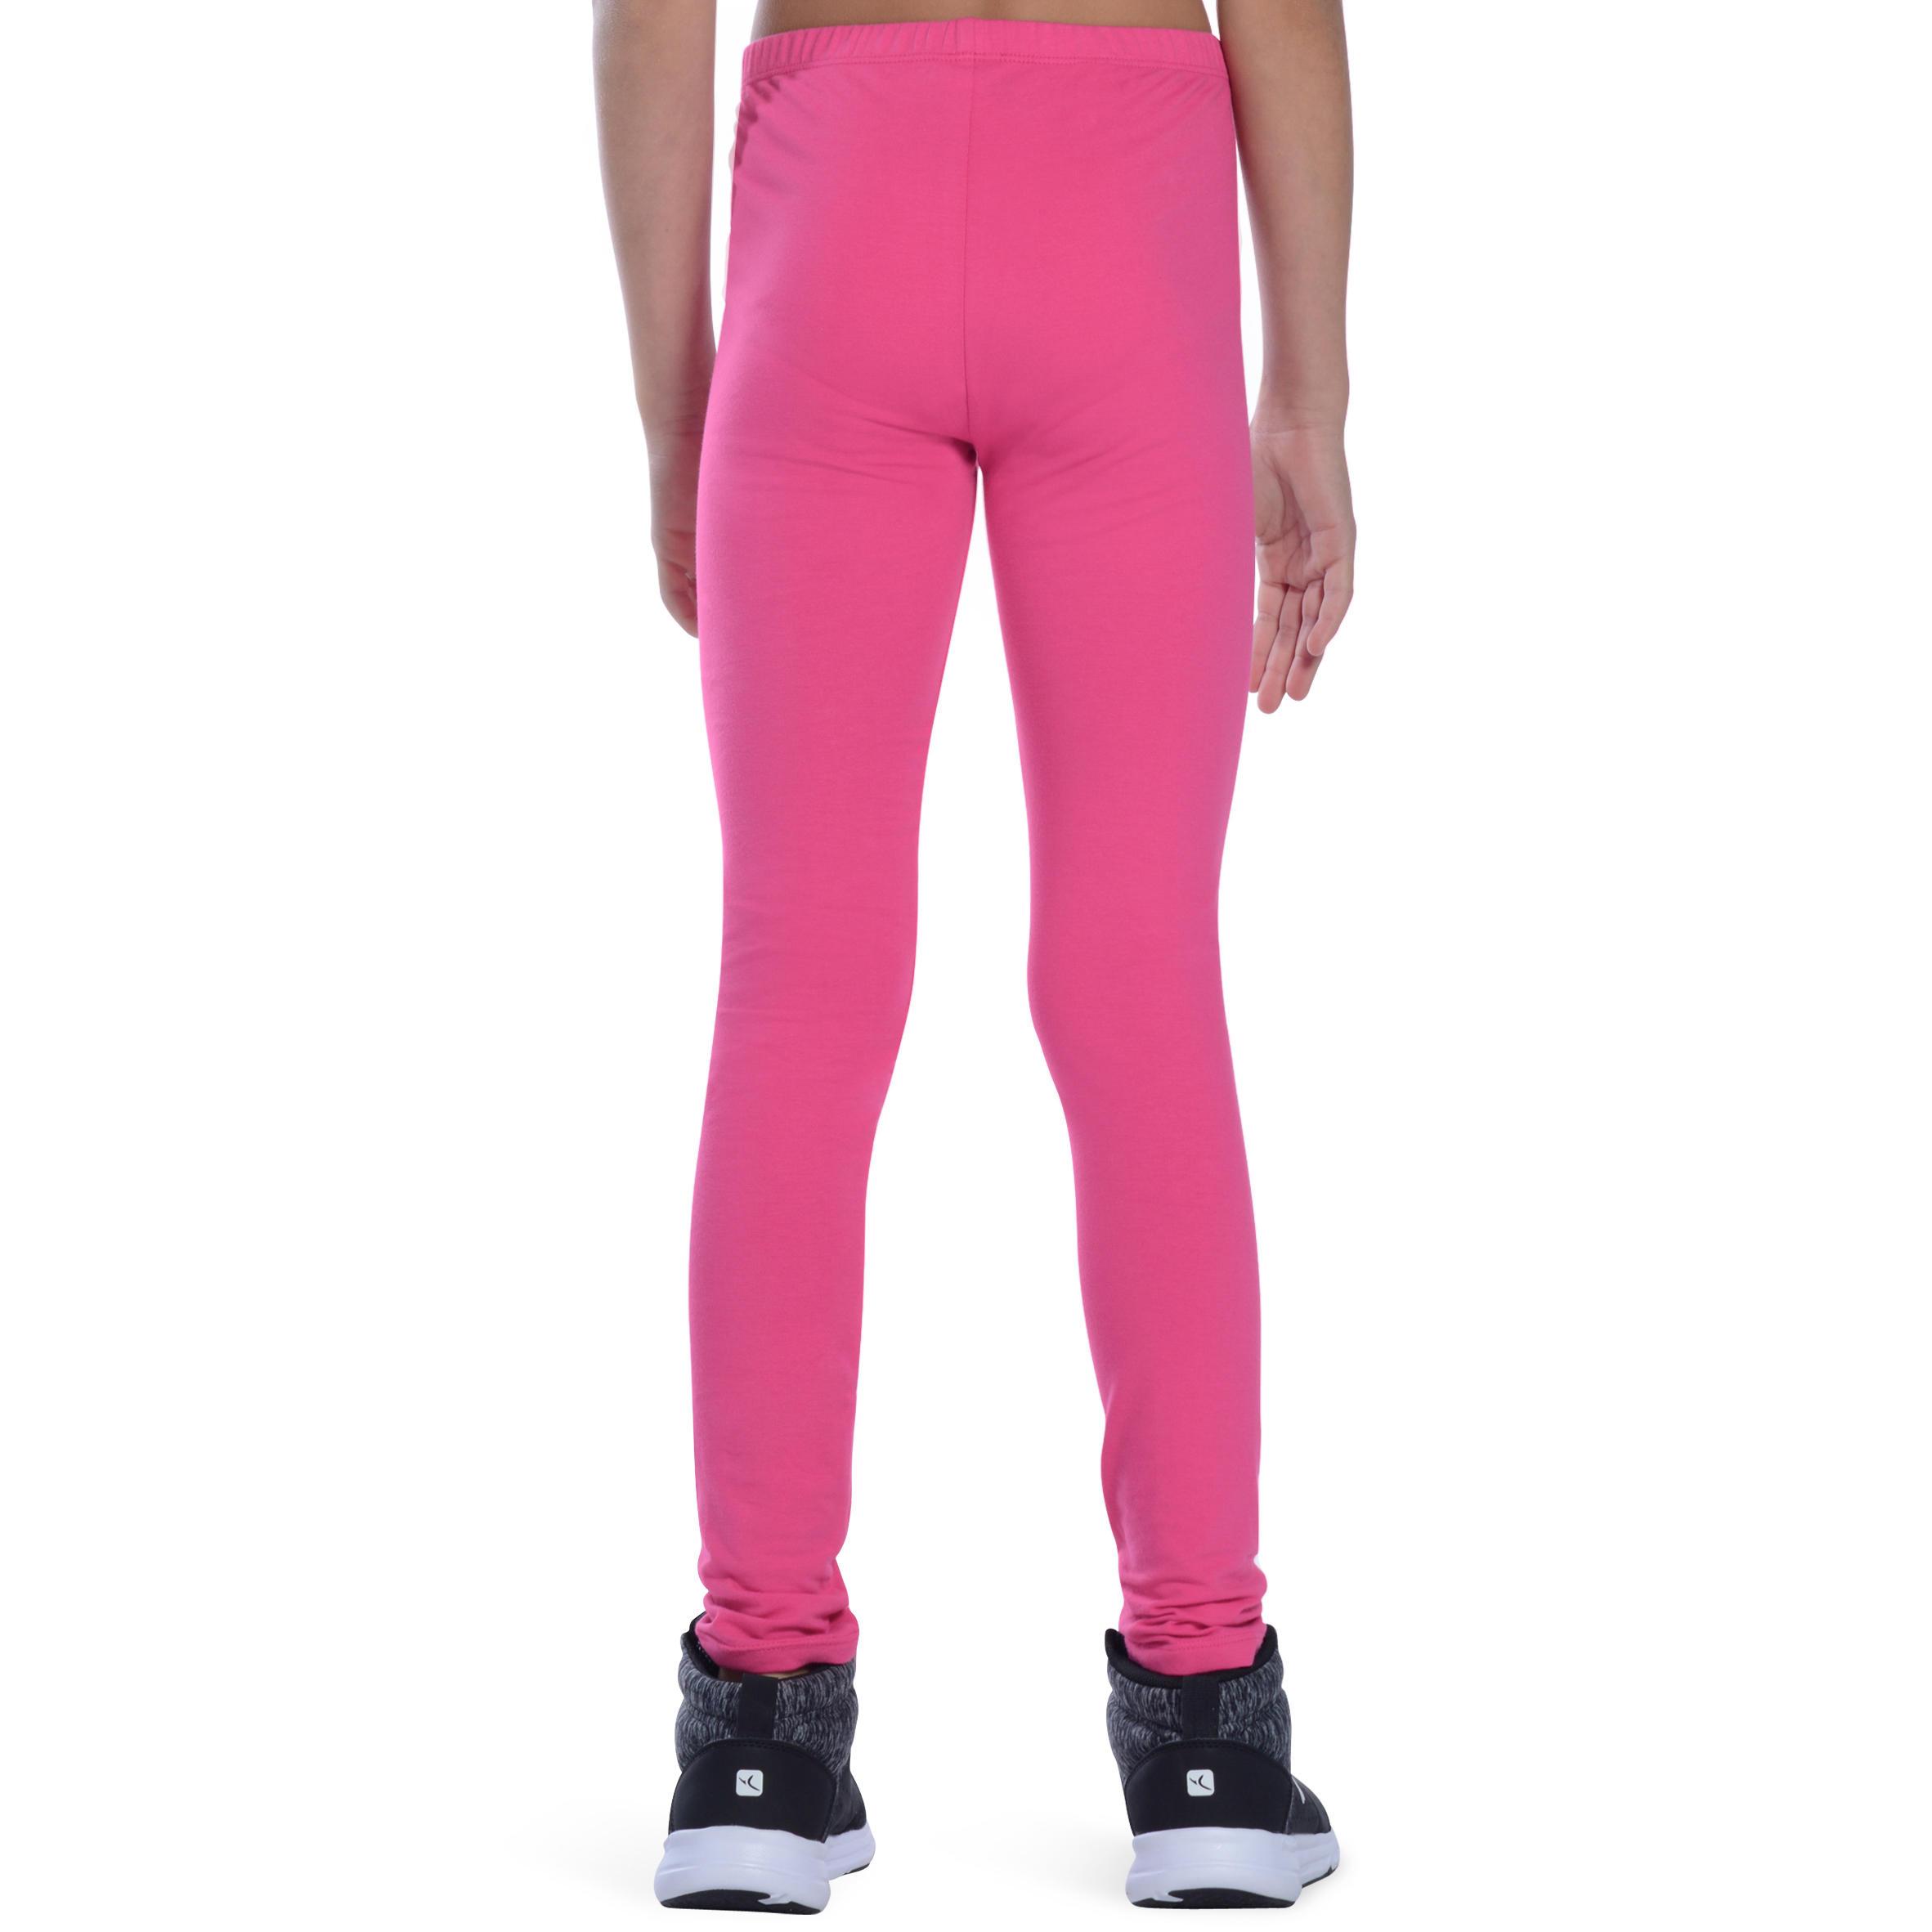 Girls' Gym Leggings - Pink